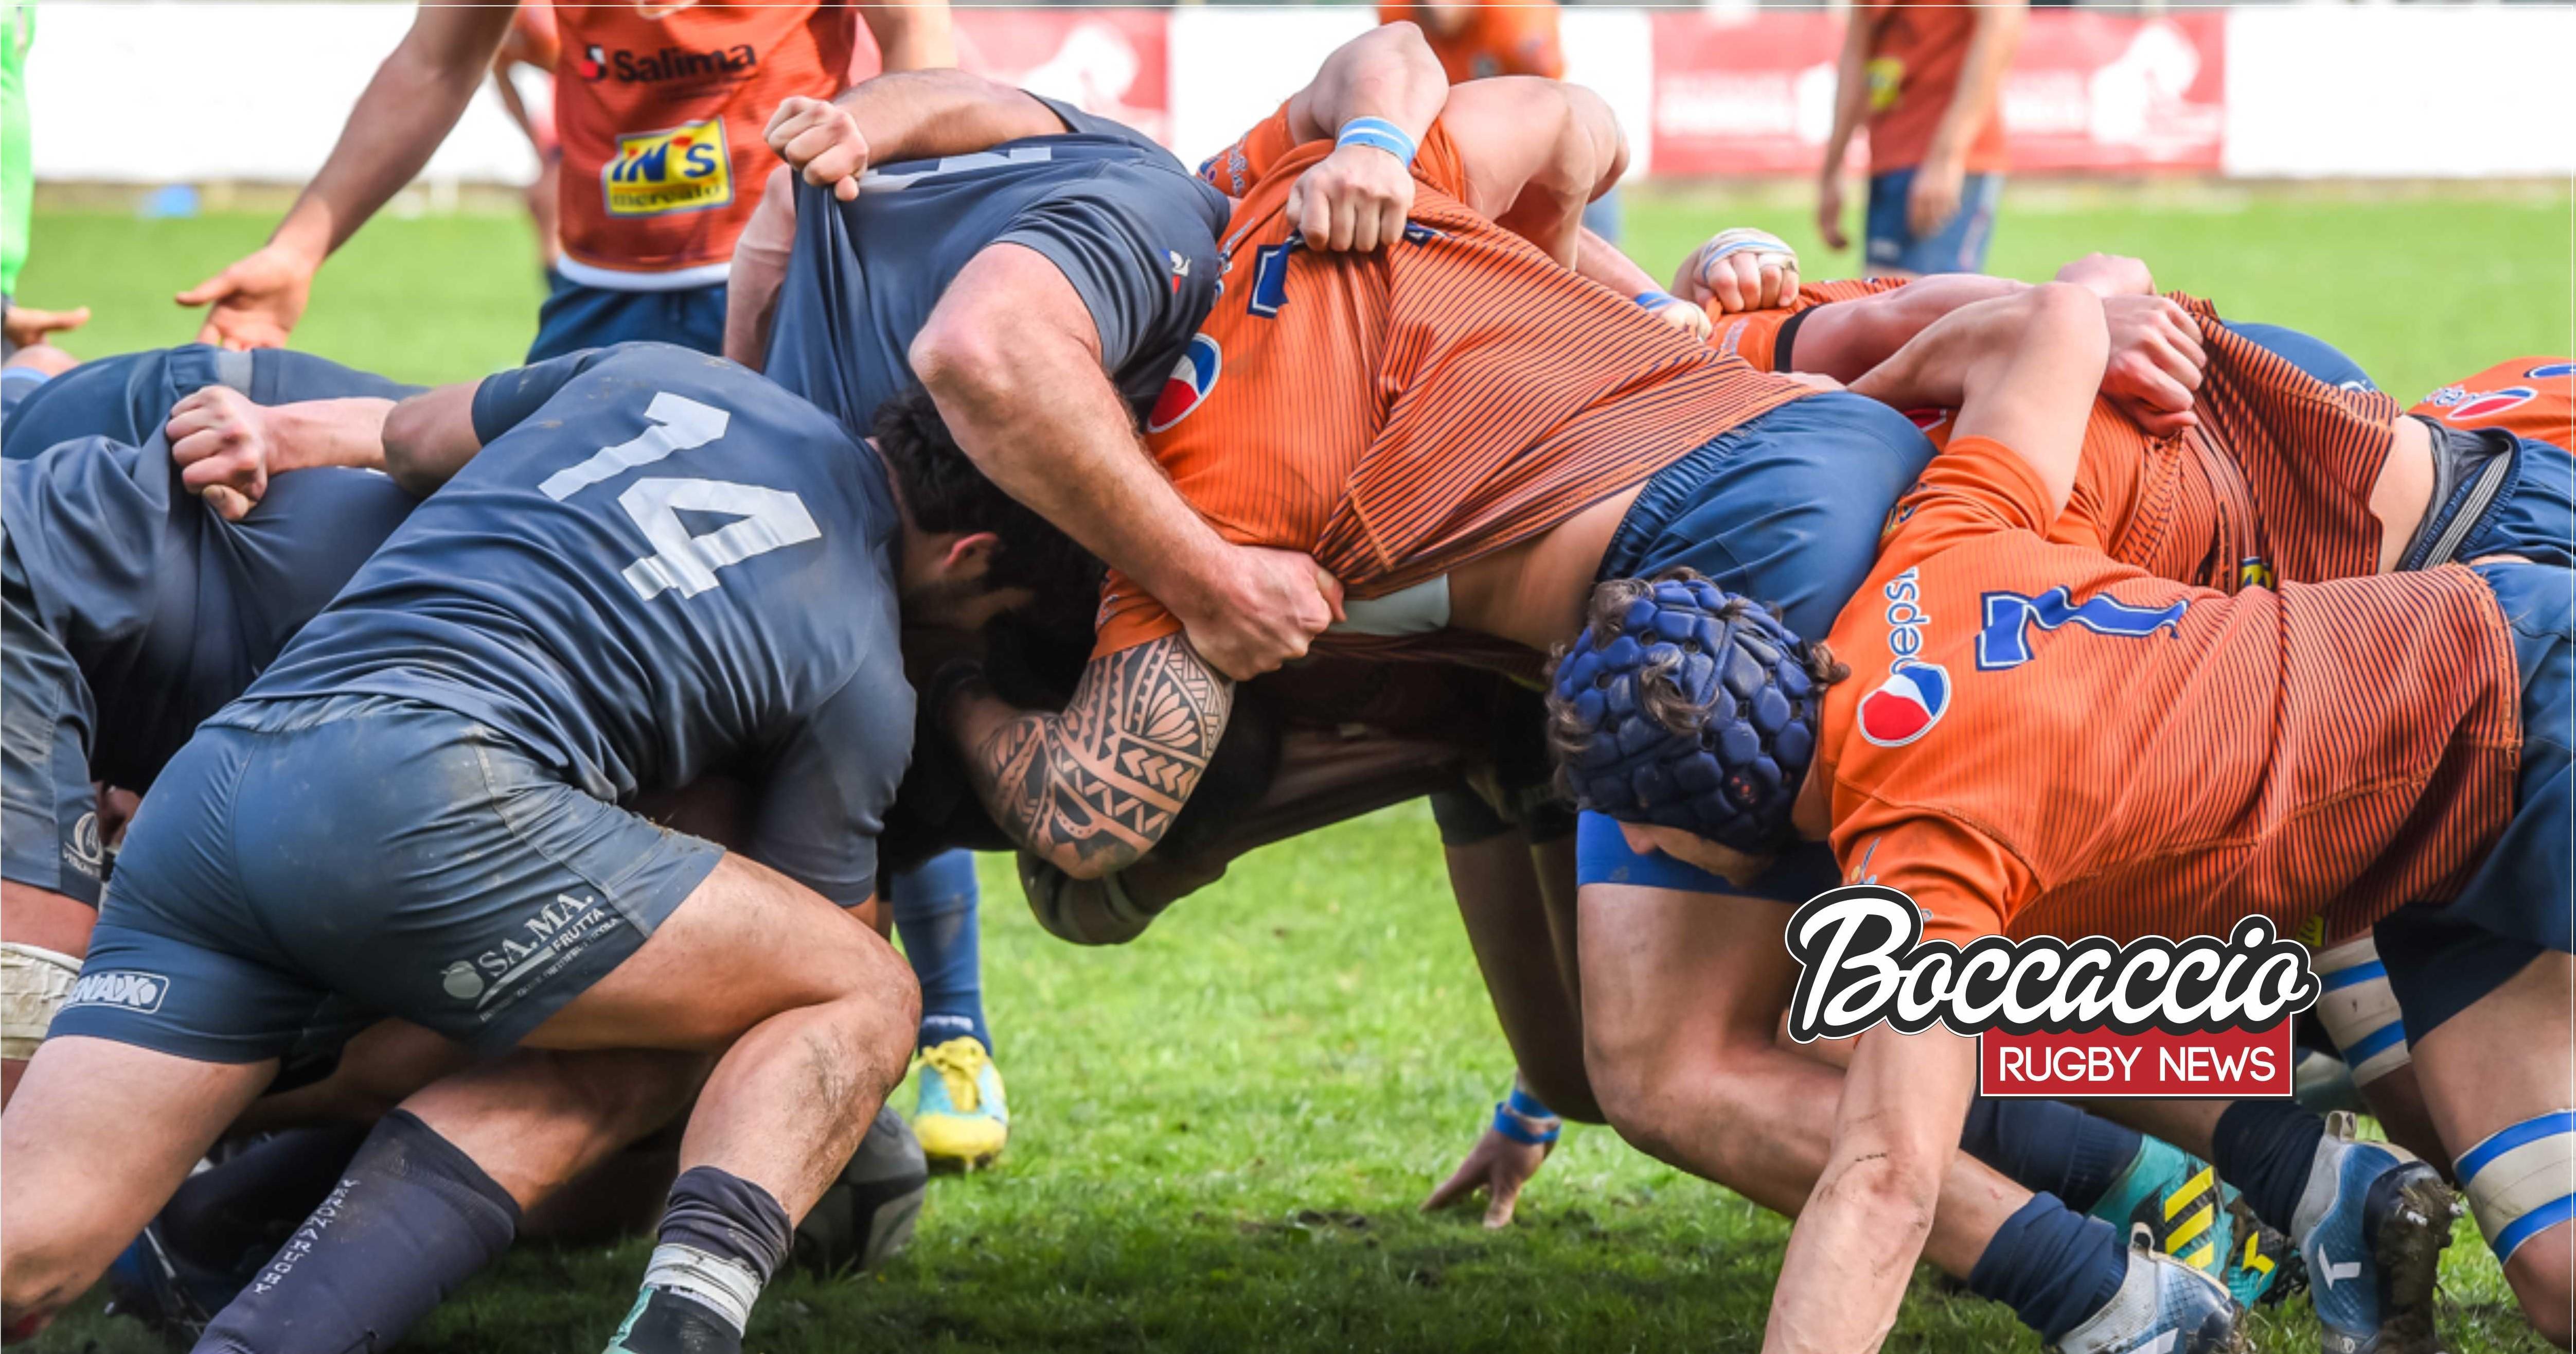 Calendario Eccellenza Rugby.Statistiche Top12 Archivi Boccaccio Rugby News